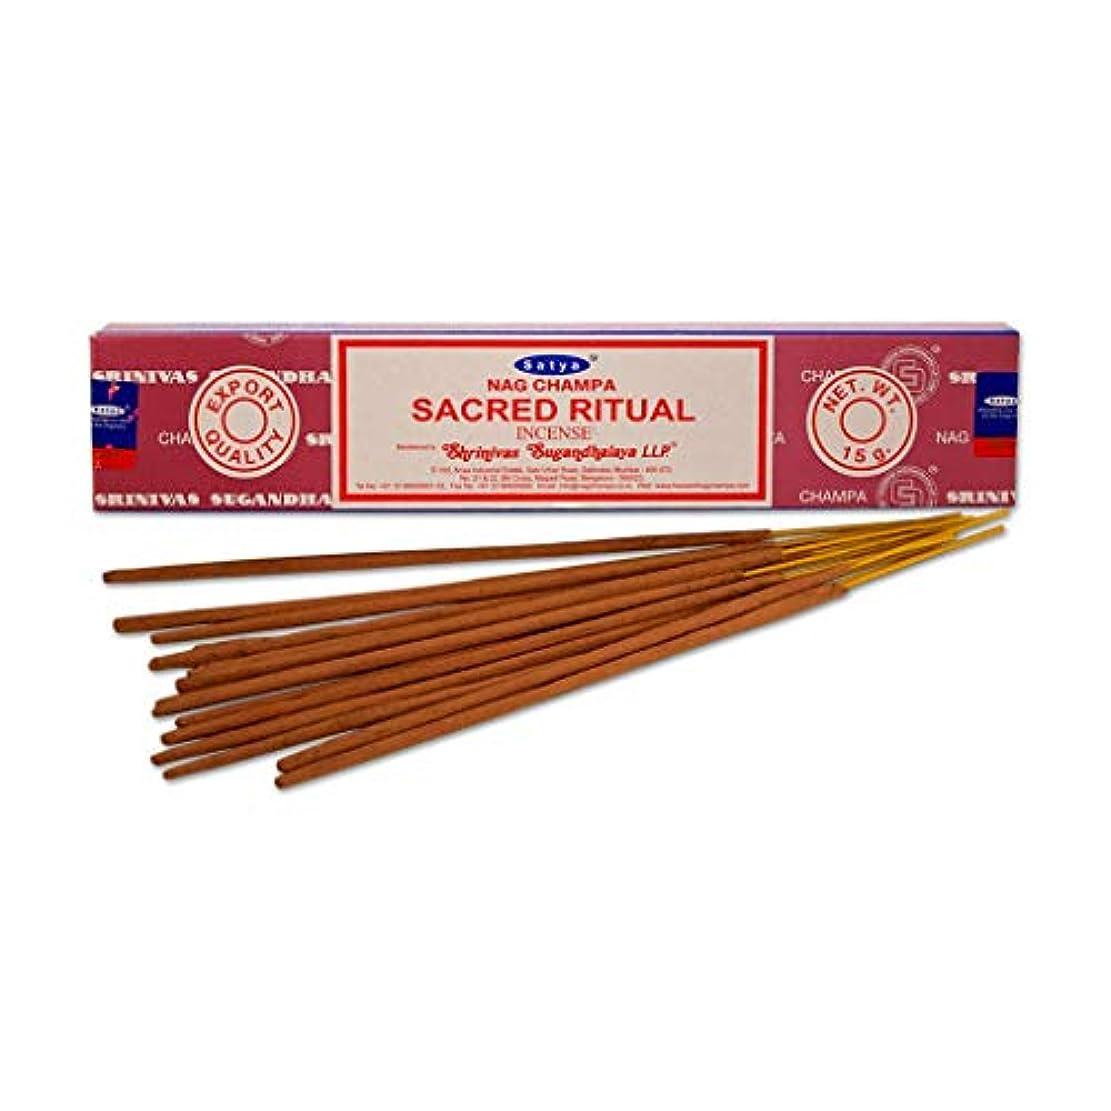 警戒慣習気体のSatya Nag Champa Sacred Ritual お香スティック Agarbatti 180グラムボックス | 15グラム入り12パック 箱入り | 輸出品質